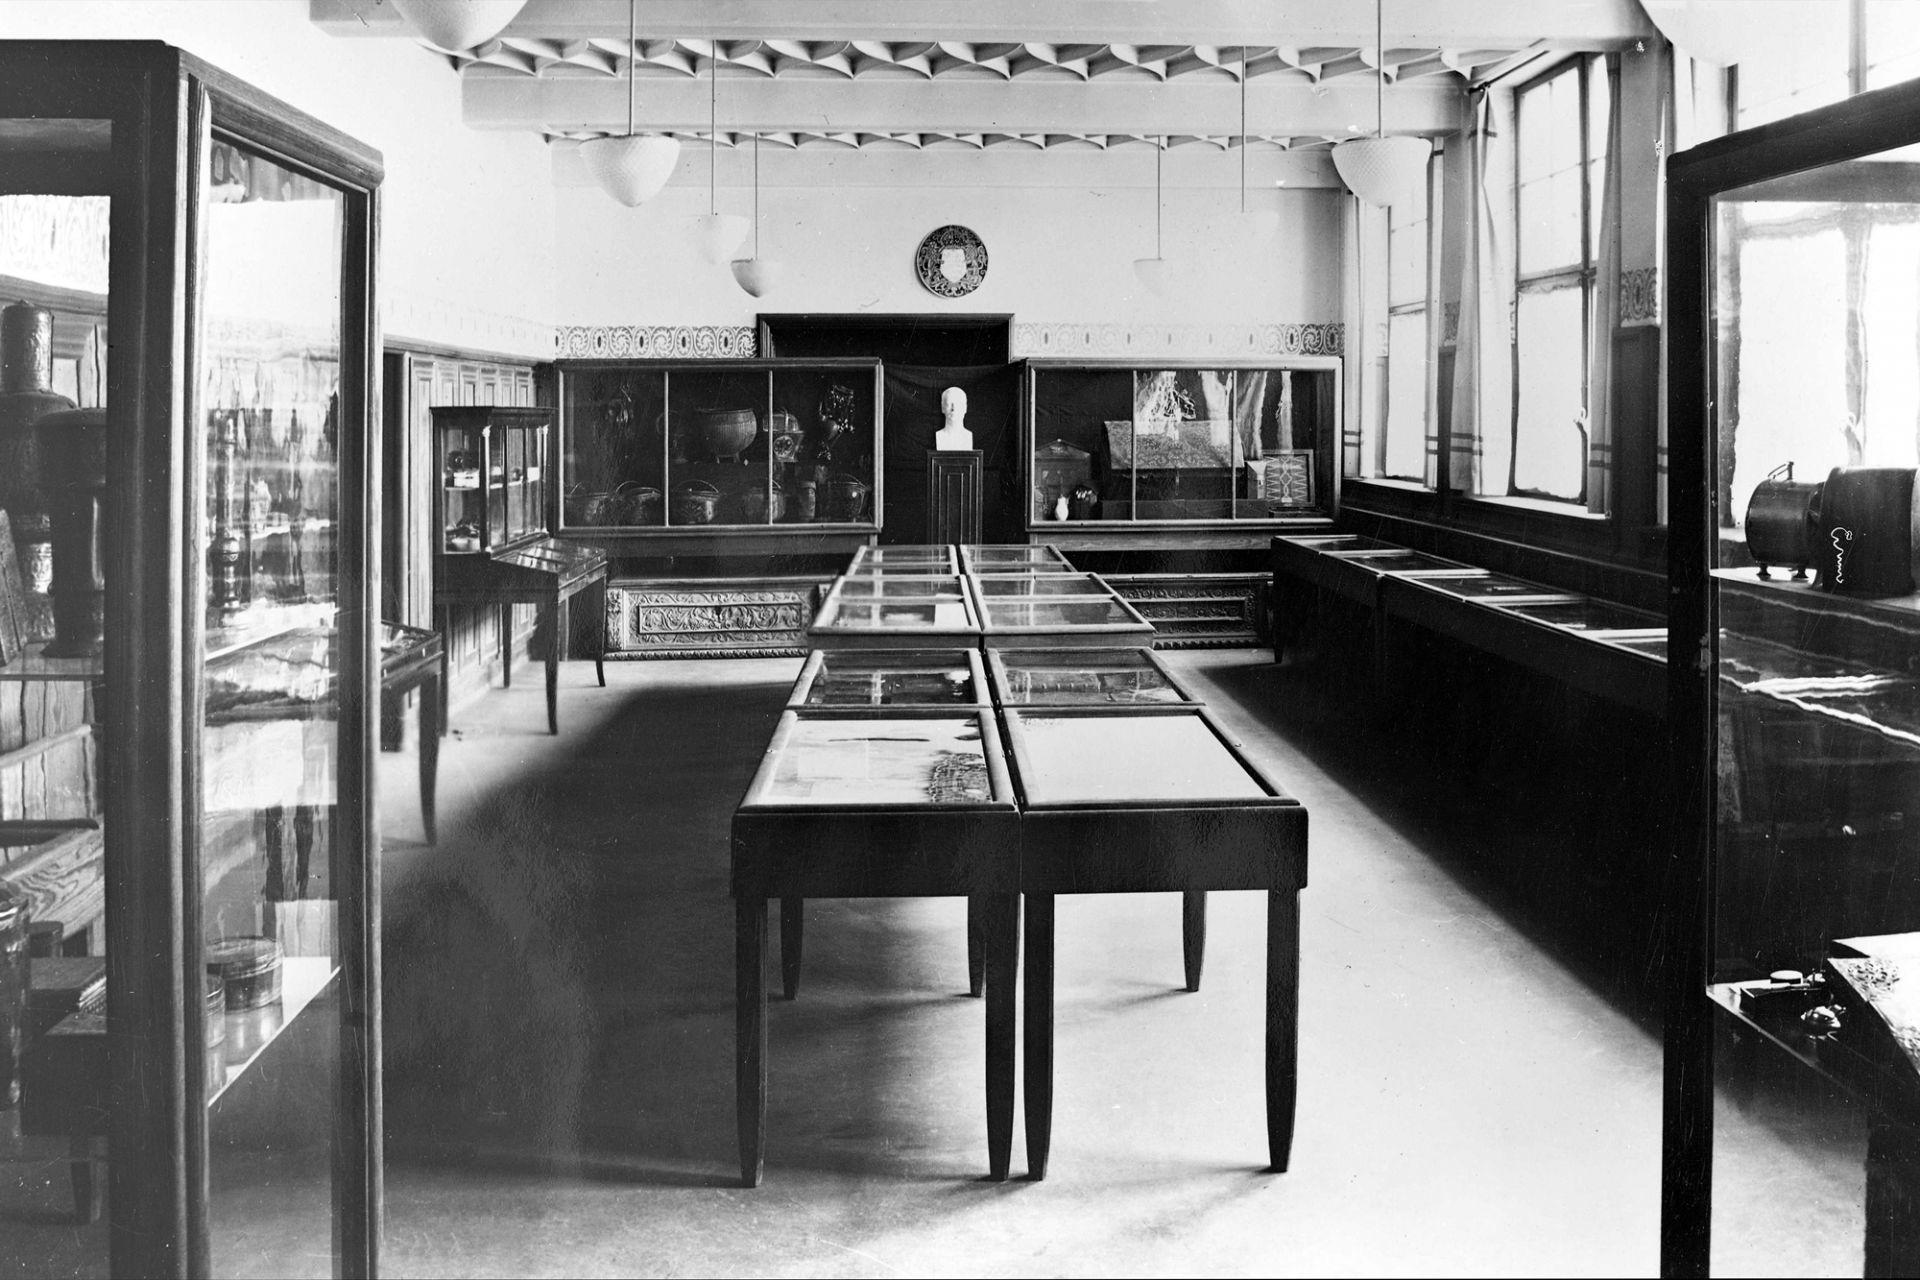 The German Leather Museum in the Technischen Lehranstalten, 1917